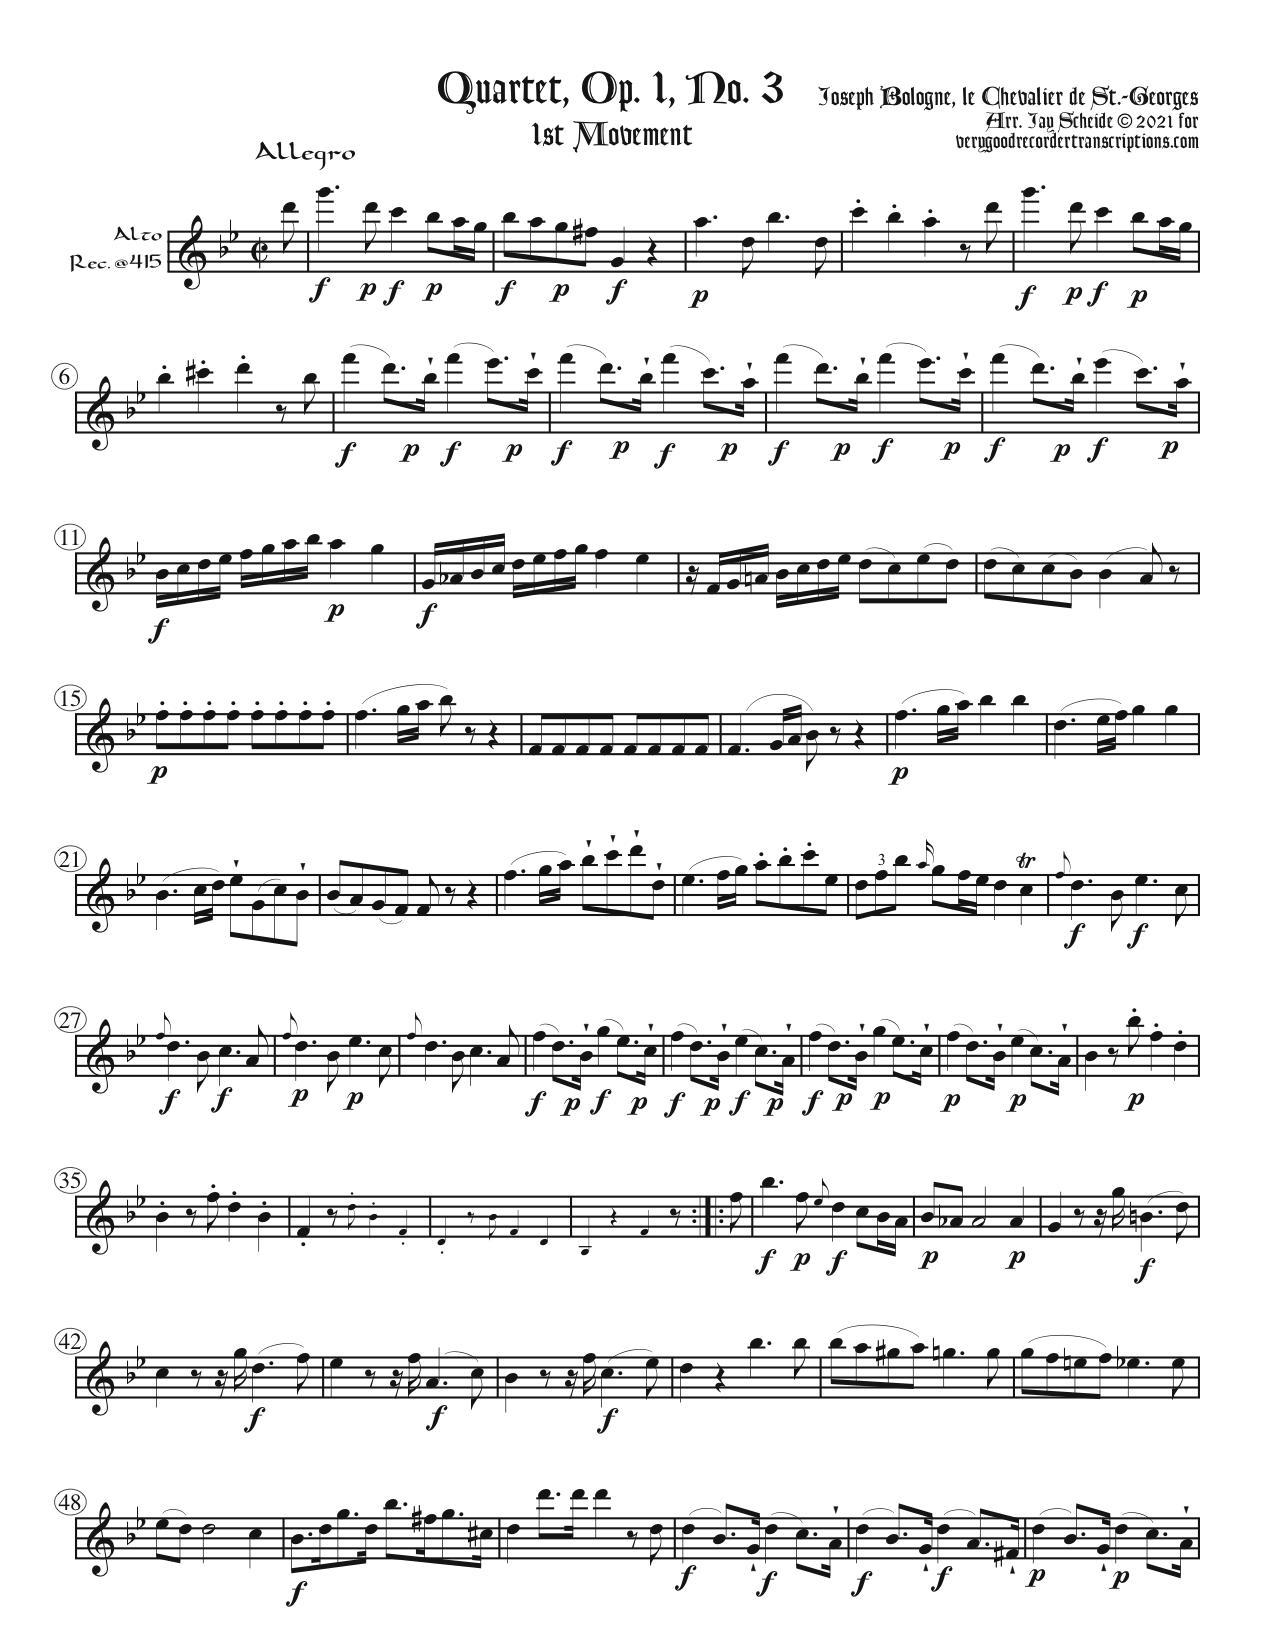 Quartet, Op. 1, No. 3